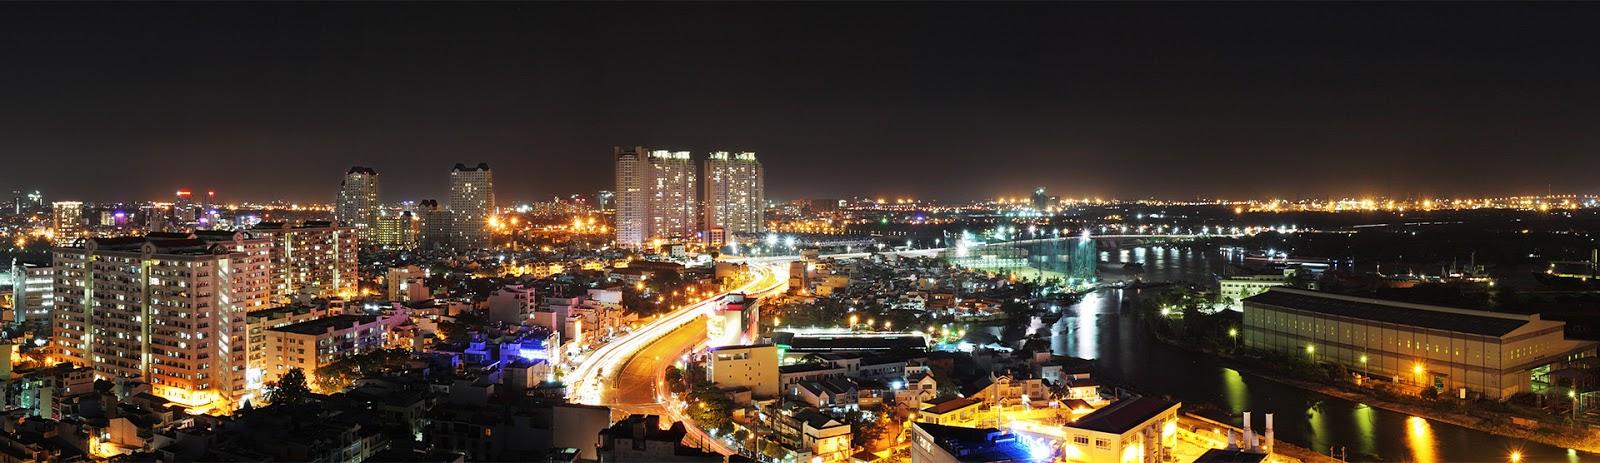 view đẹp thành phố tại căn hộ penthouse - city garden